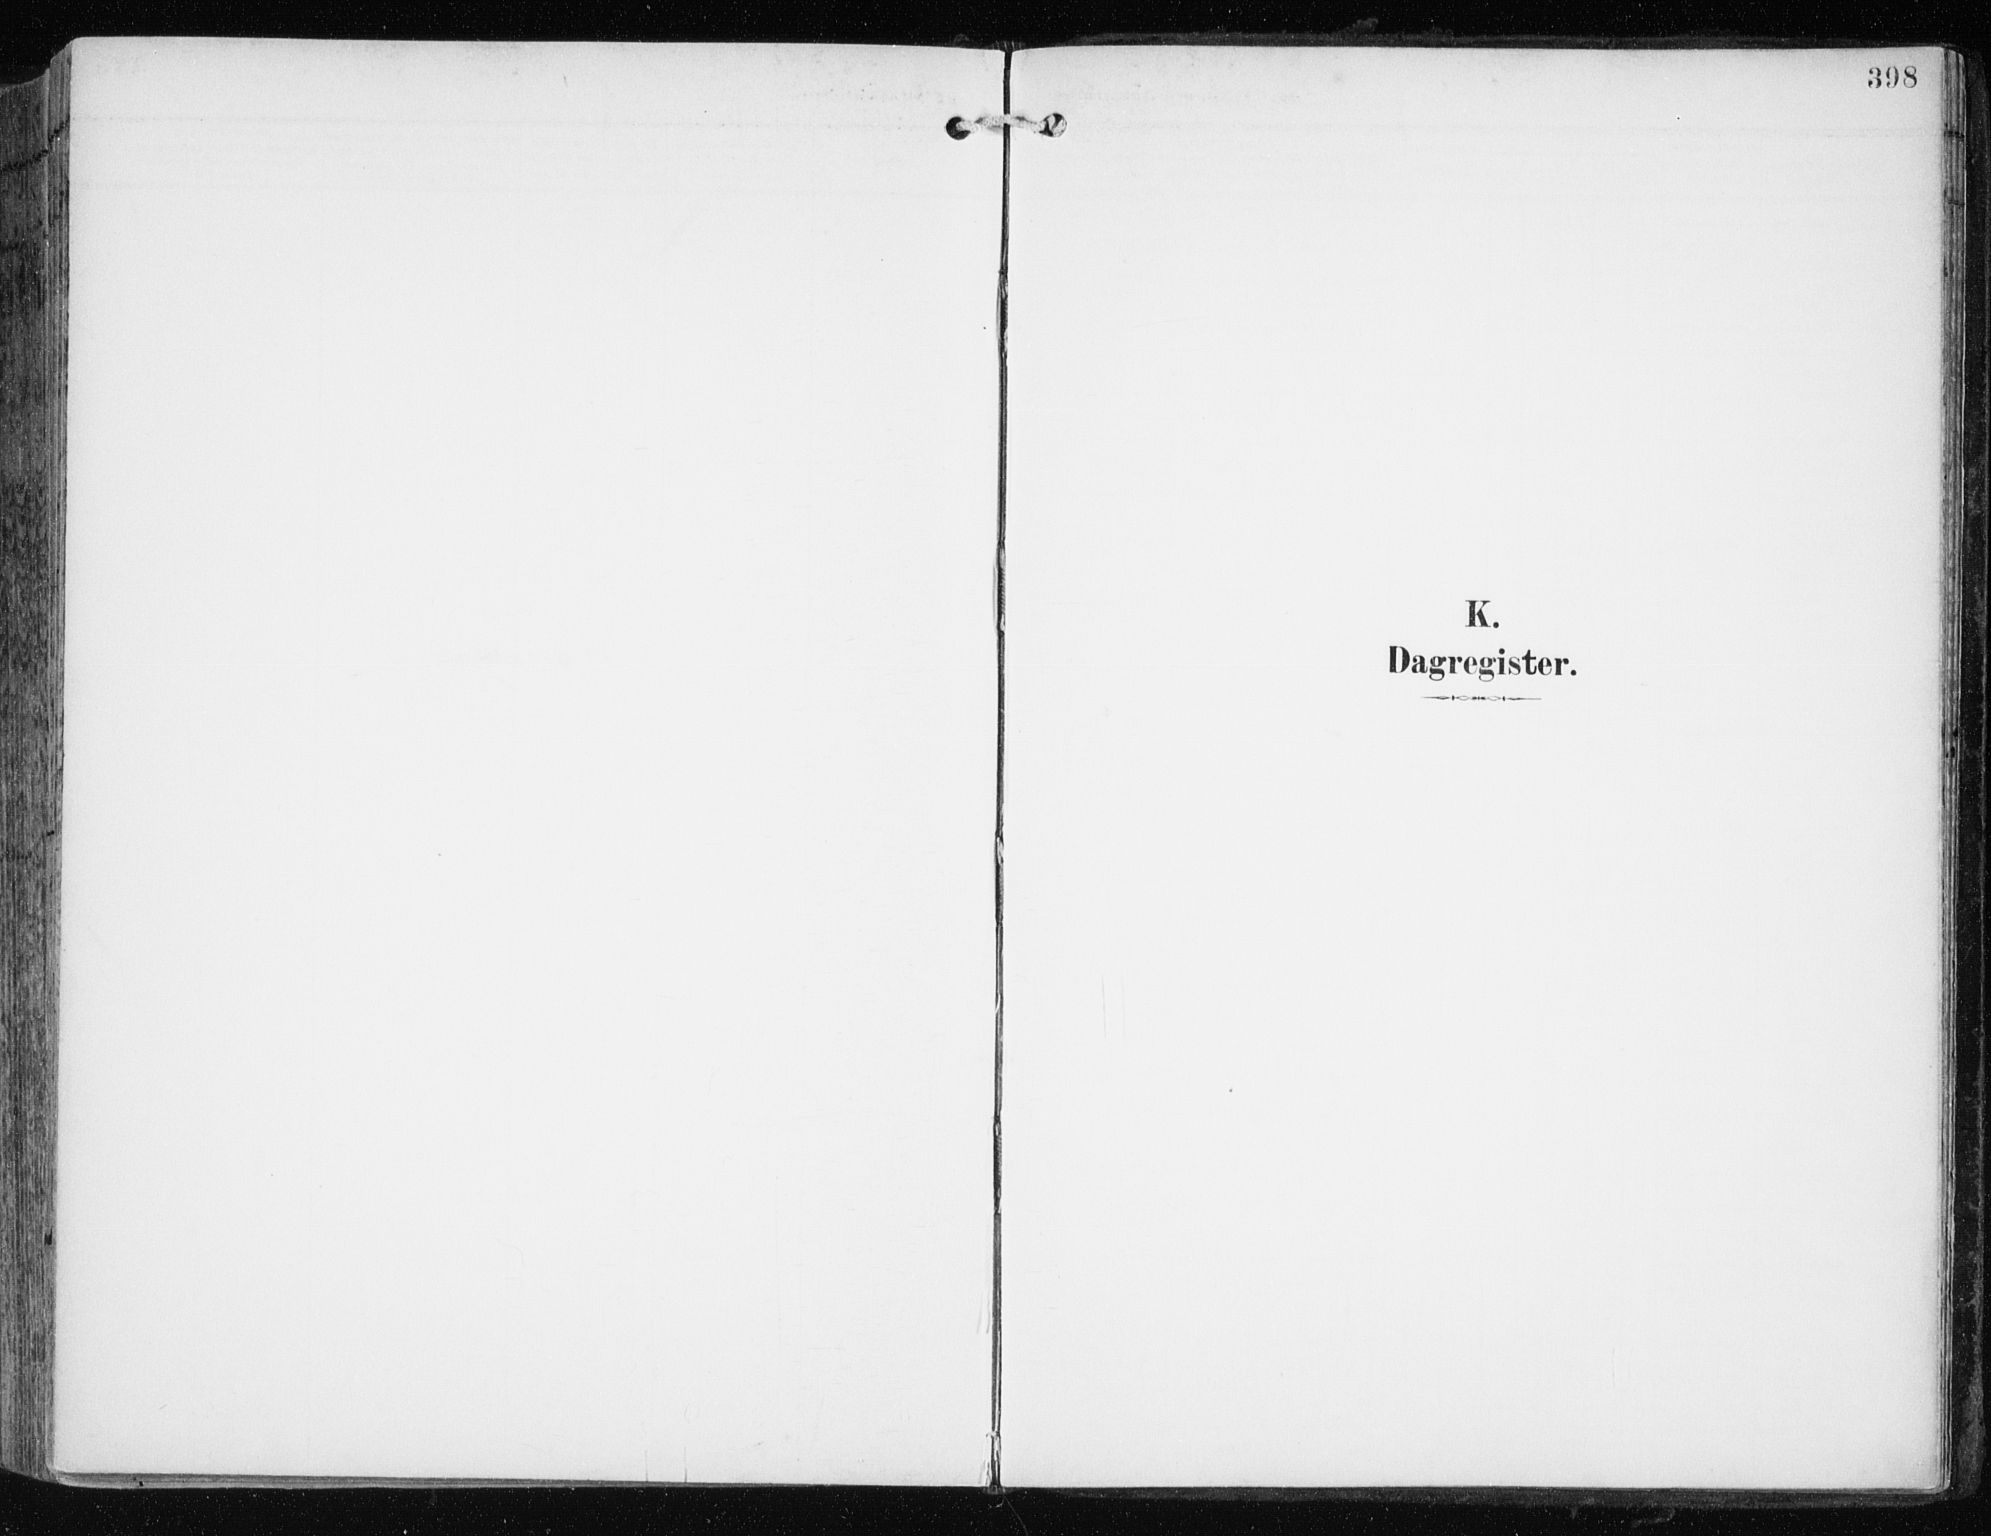 SATØ, Tromsøysund sokneprestkontor, G/Ga/L0006kirke: Ministerialbok nr. 6, 1897-1906, s. 398